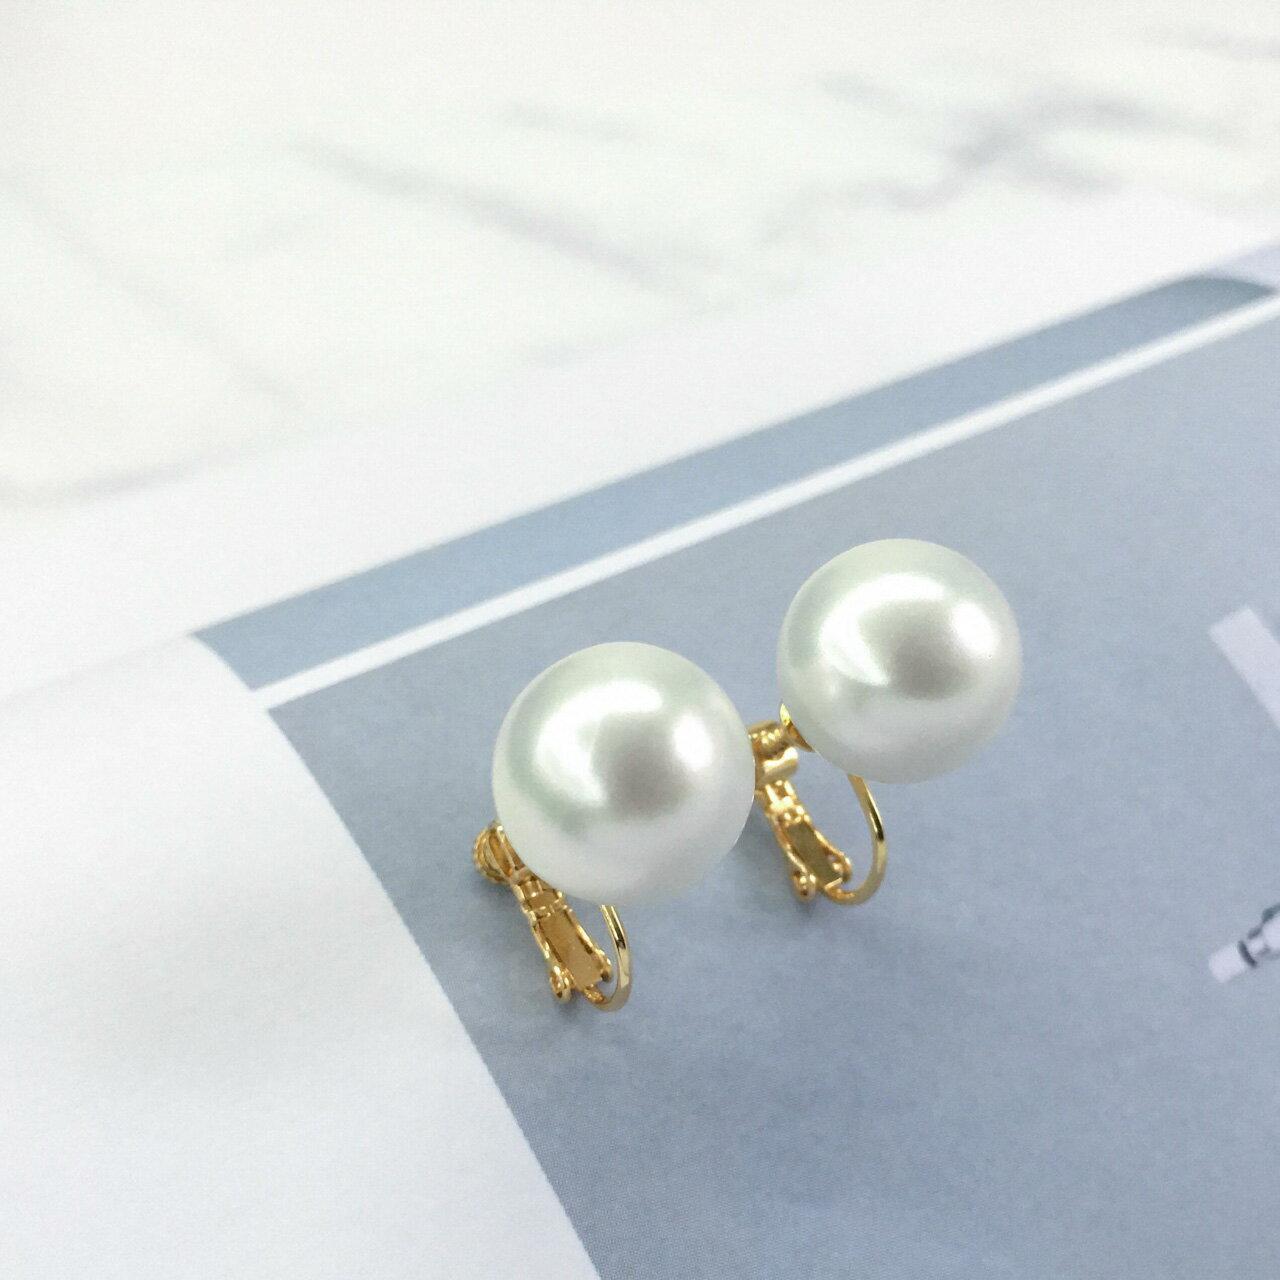 (現貨/預購) 簡單華麗   單顆珍珠 夾式耳環(螺旋夾)【 2-2054 】.ECO安珂